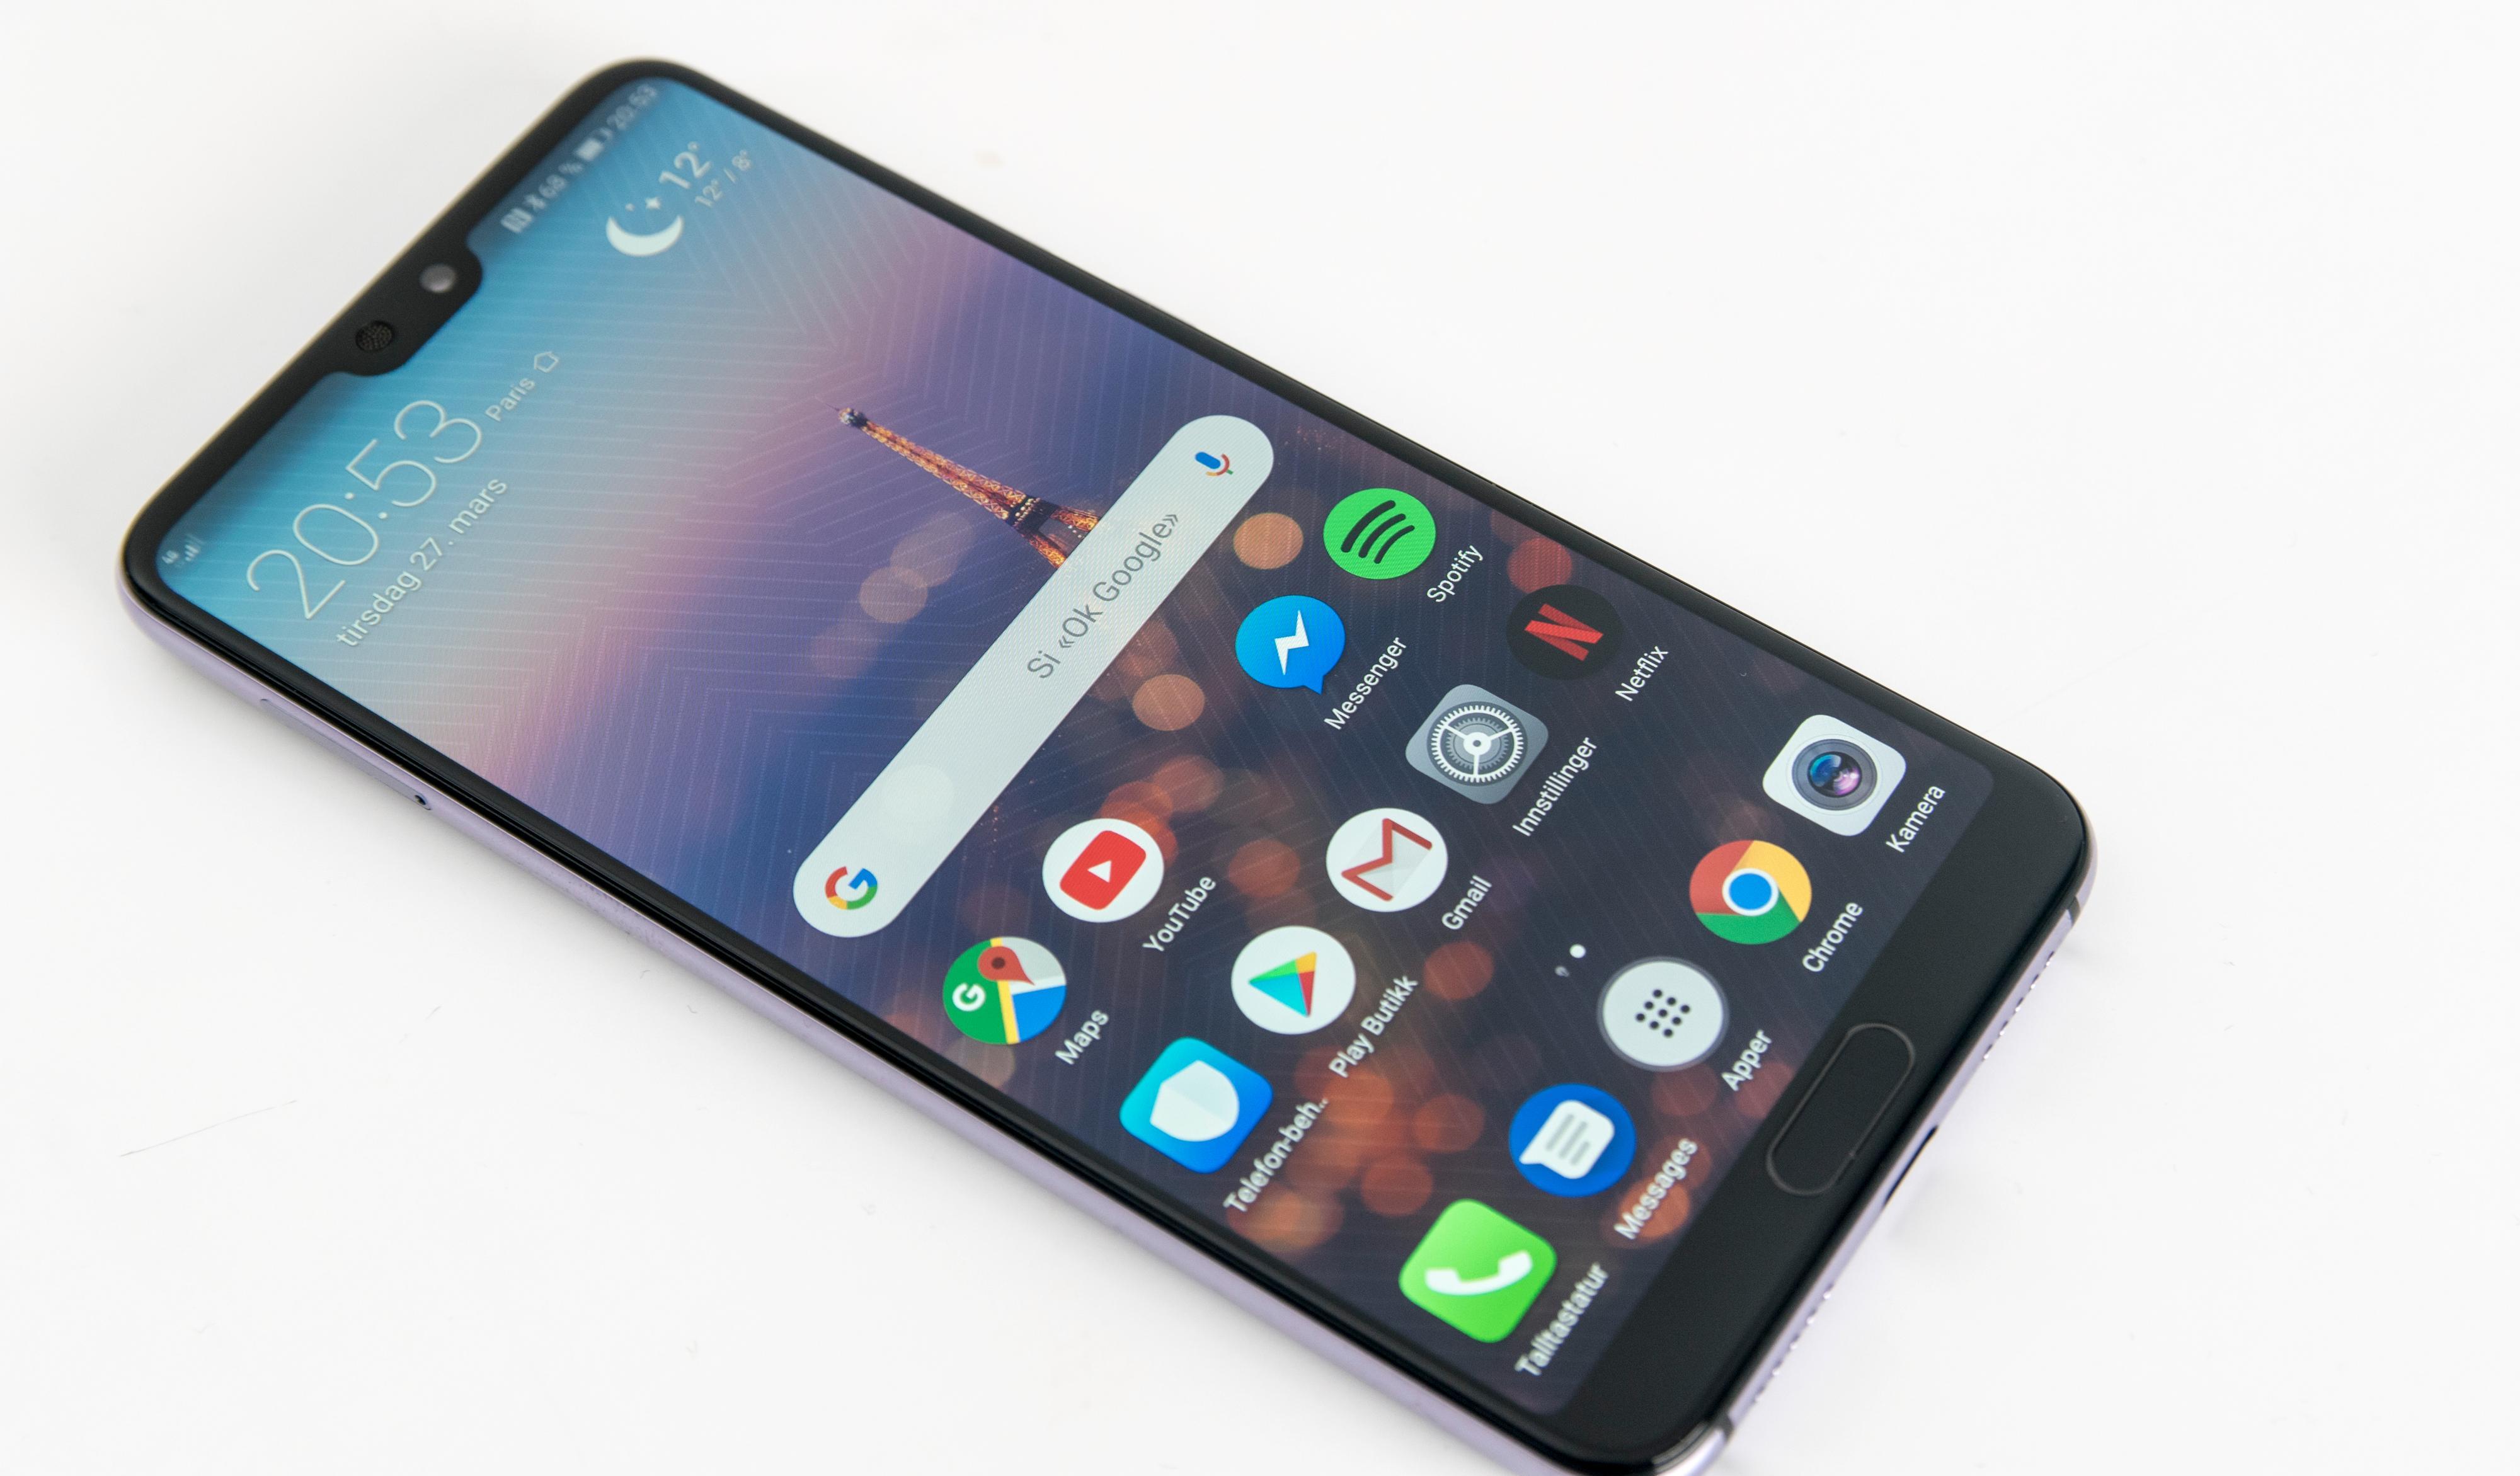 Stor og tilnærmet rammeløs skjerm hører til i en toppmobil i 2018.